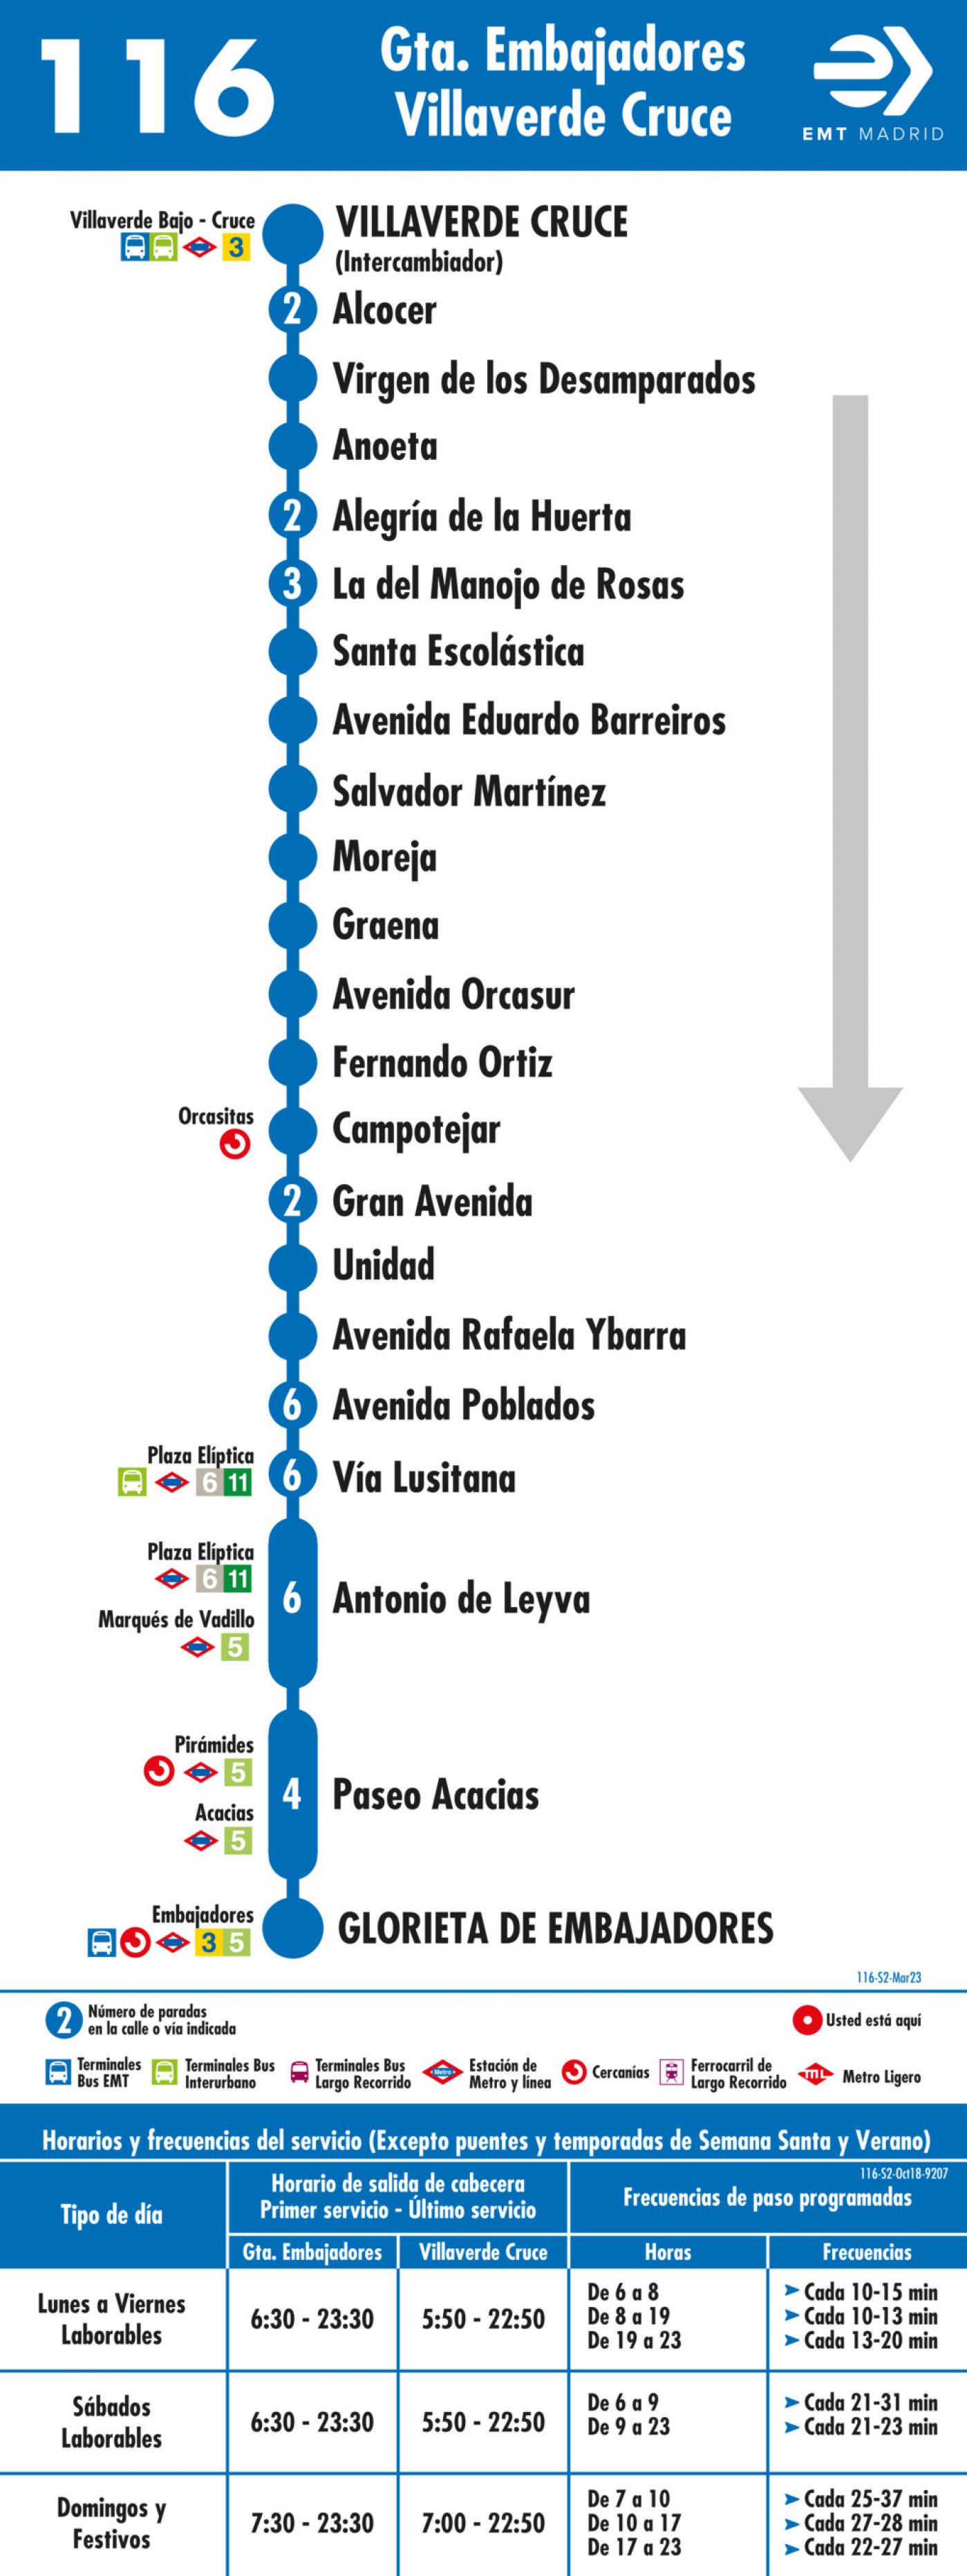 Tabla de horarios y frecuencias de paso en sentido vuelta Línea 116: Glorieta de Embajadores - Villaverde Cruce